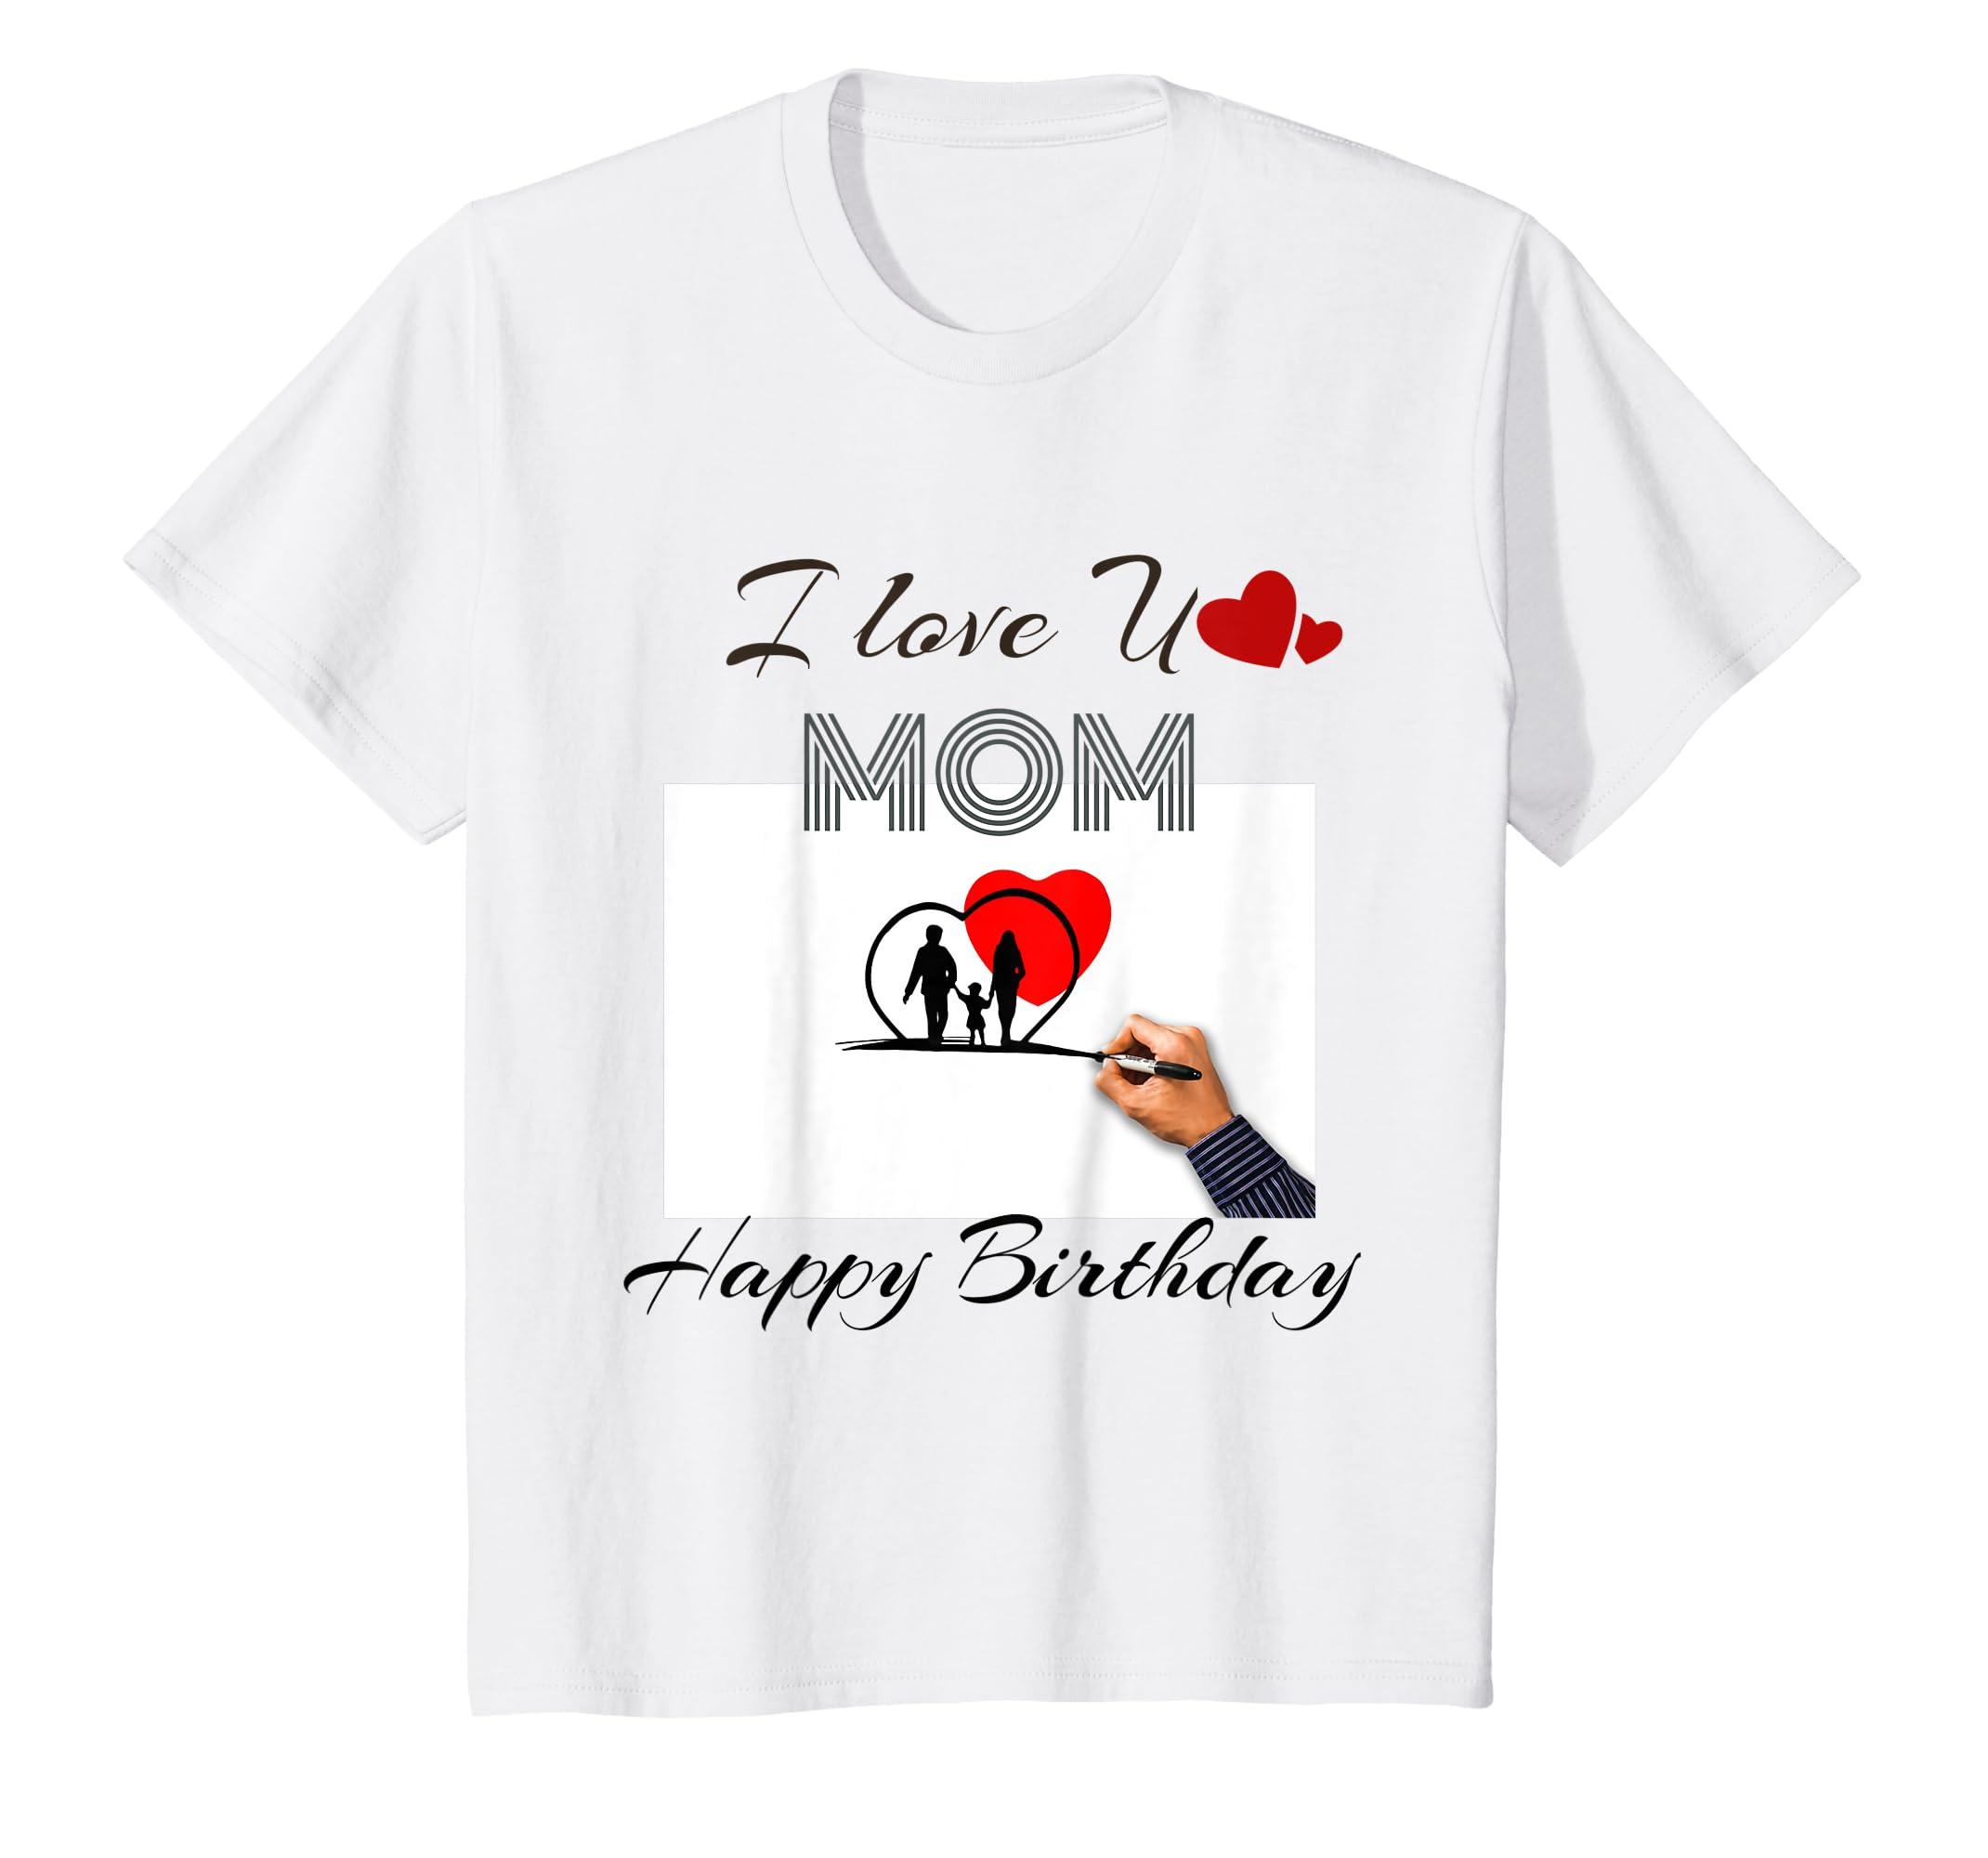 Amazon I Love You Mom Happy Birthday Best 2019 T Shirt Clothing